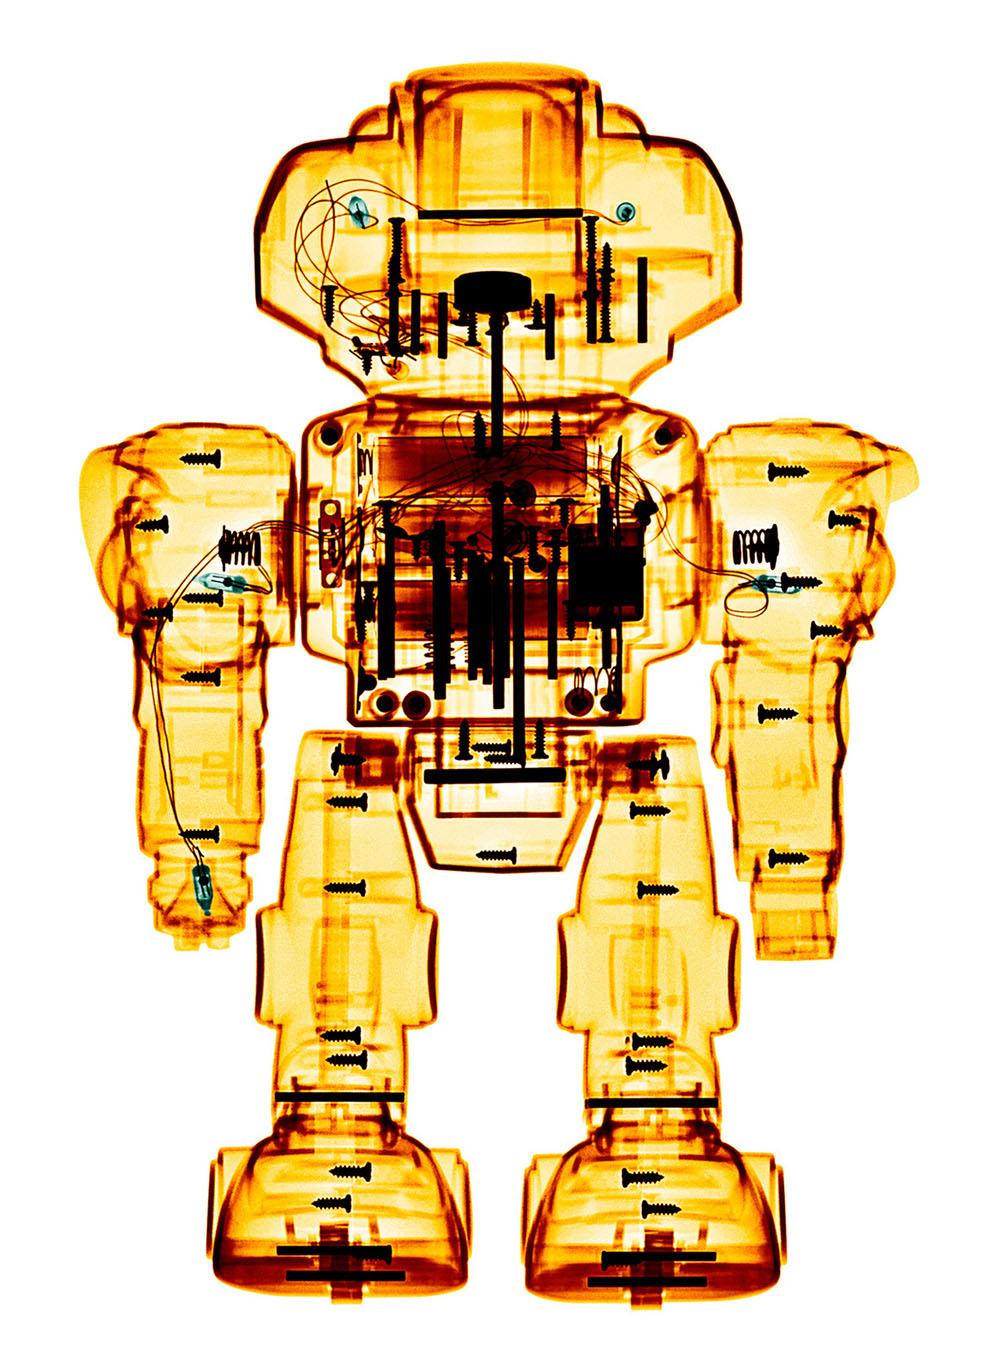 xrays-toys alternopolis (5)